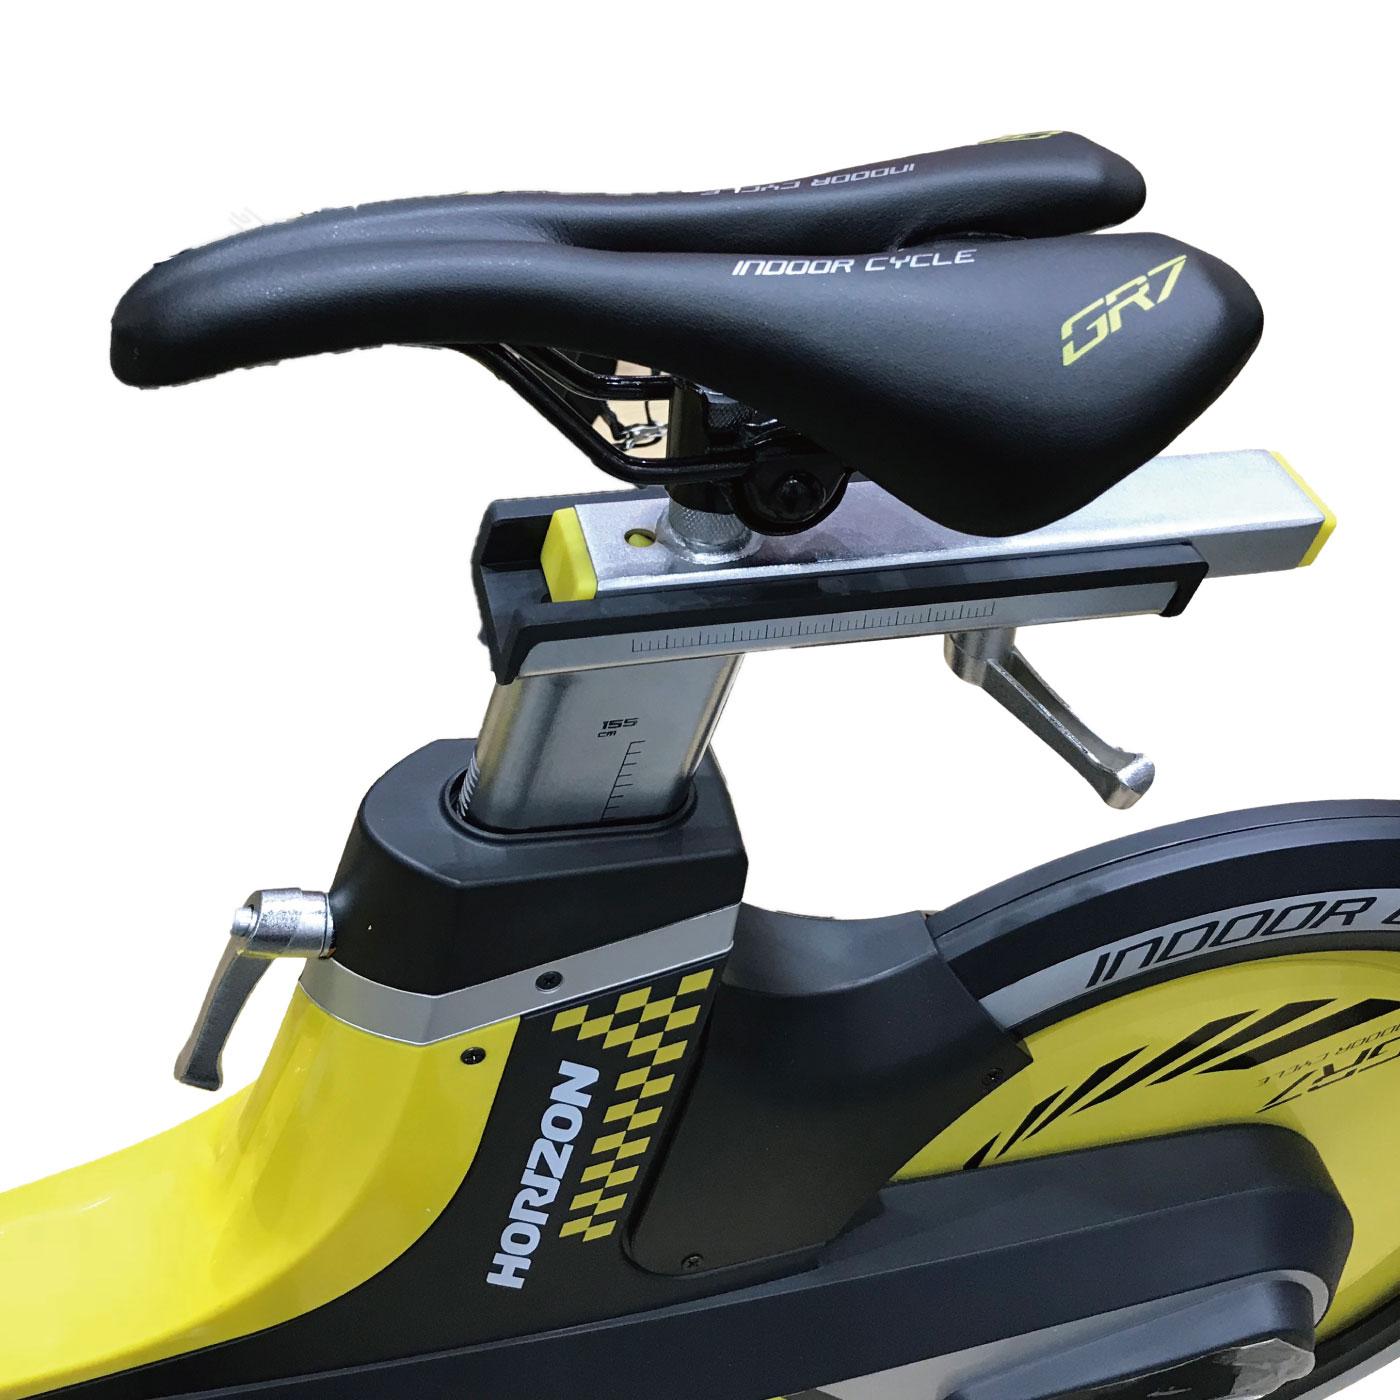 GR7/家庭用スピンバイク〈HORIZON〉《ジョンソンヘルステック》